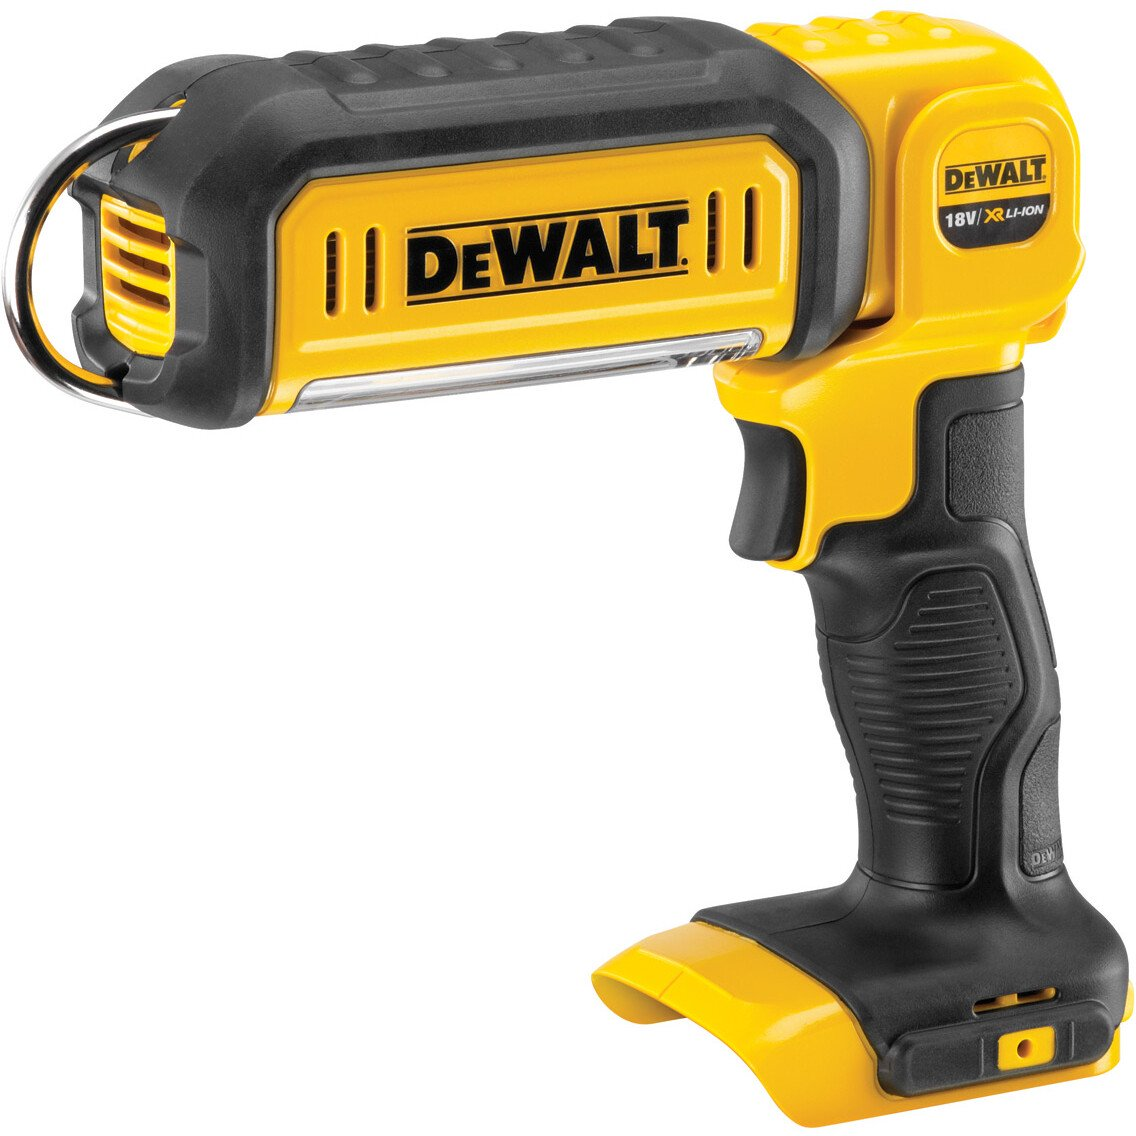 DeWalt DCL050 Body Only 18V XR Handheld LED Worklight